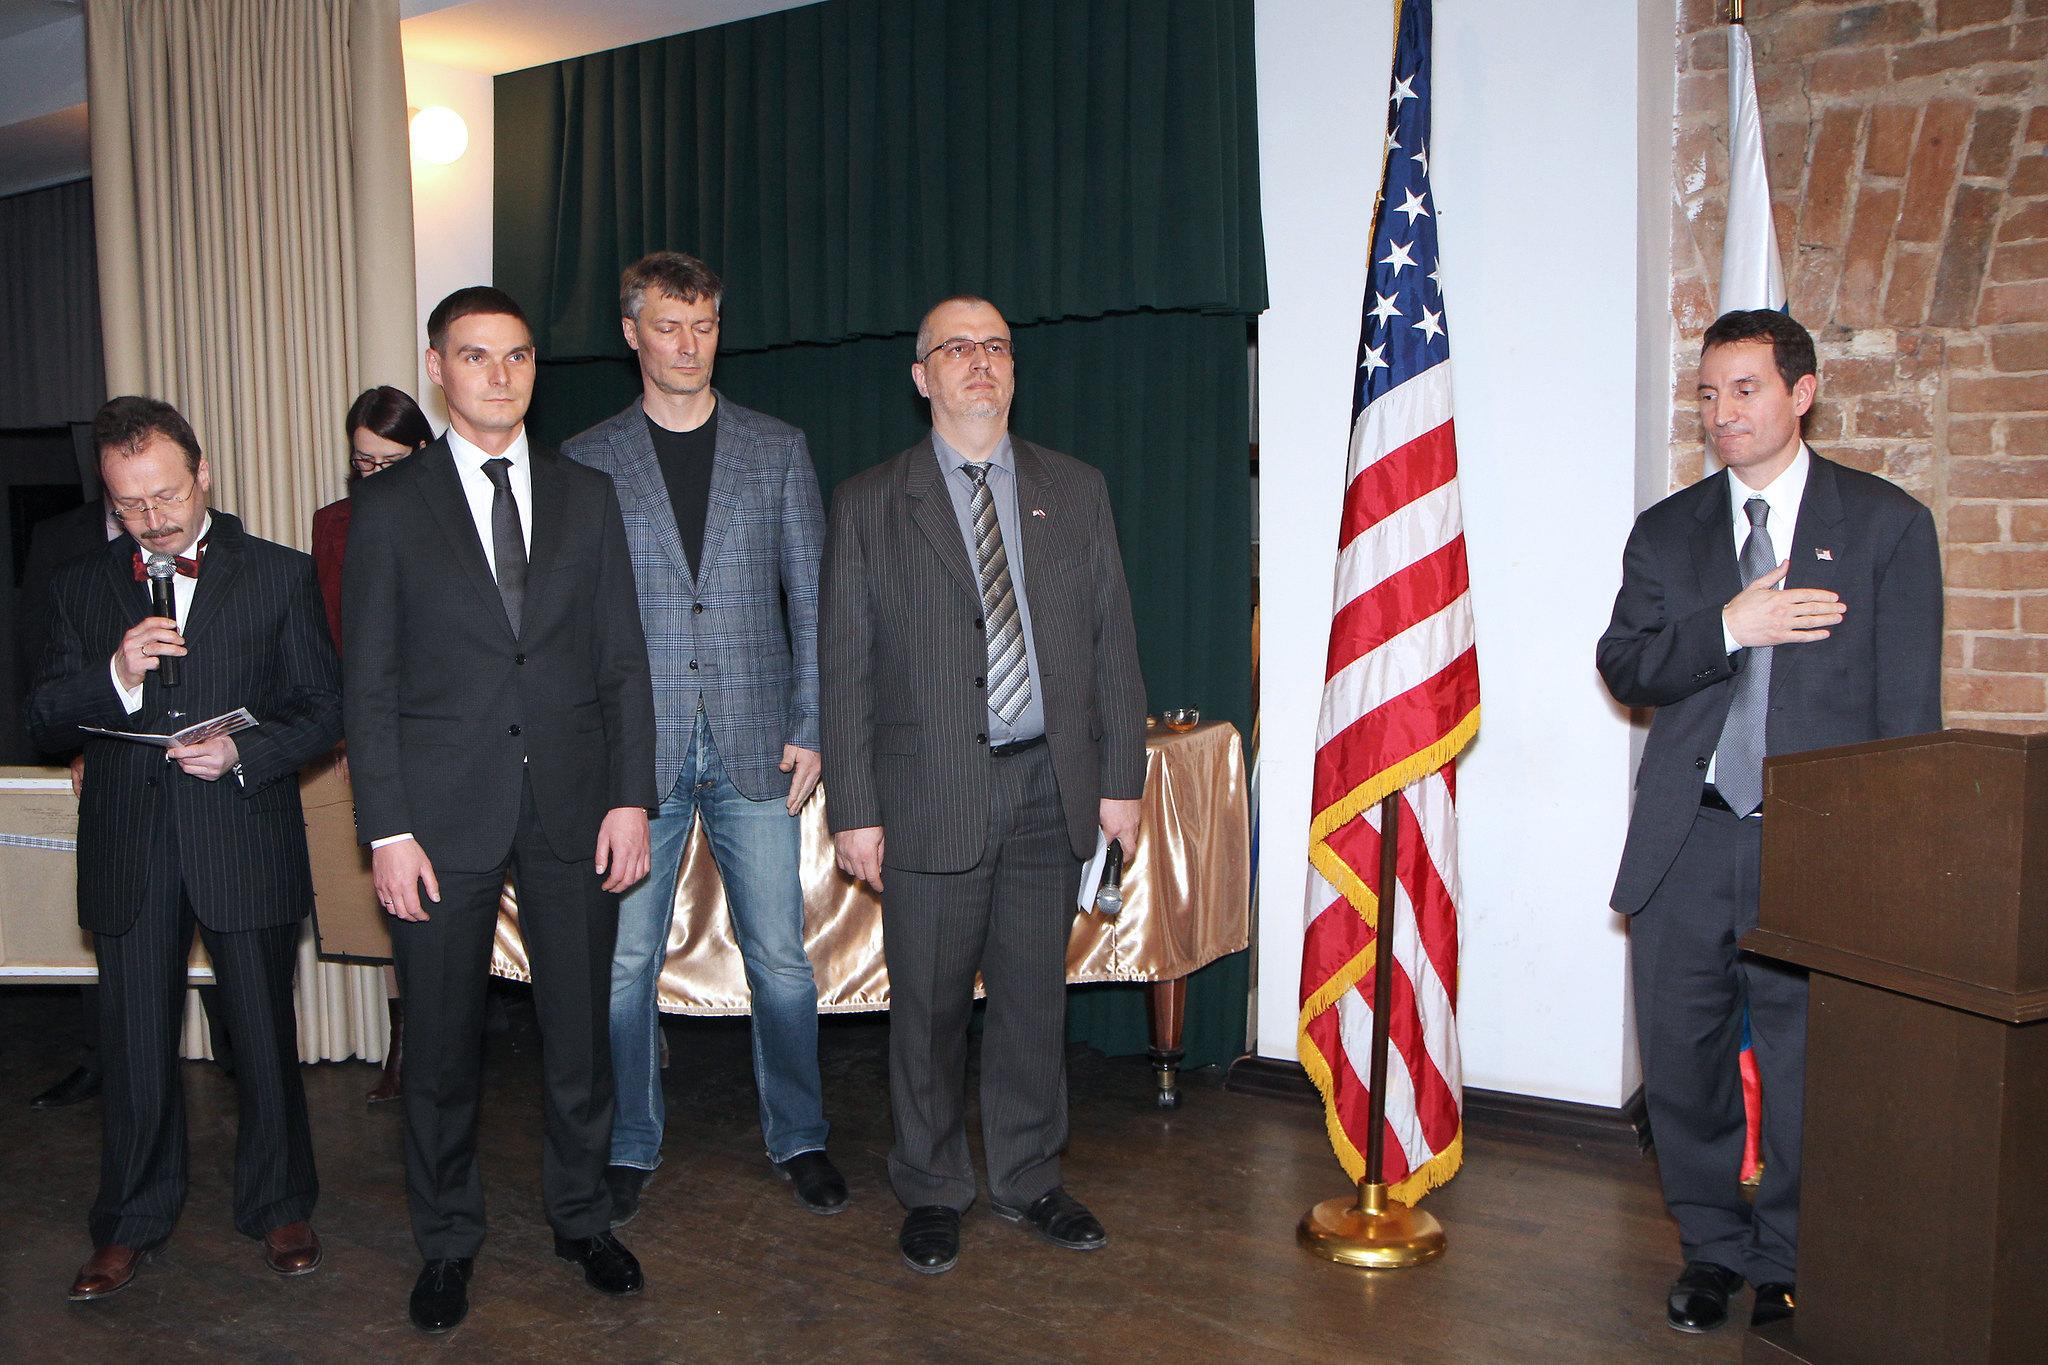 Приём ГК США в г. Екатеринбурге в Музее истории Екатеринбурга с участием руководителей антироссийских НКО, 20 марта 2014 года.